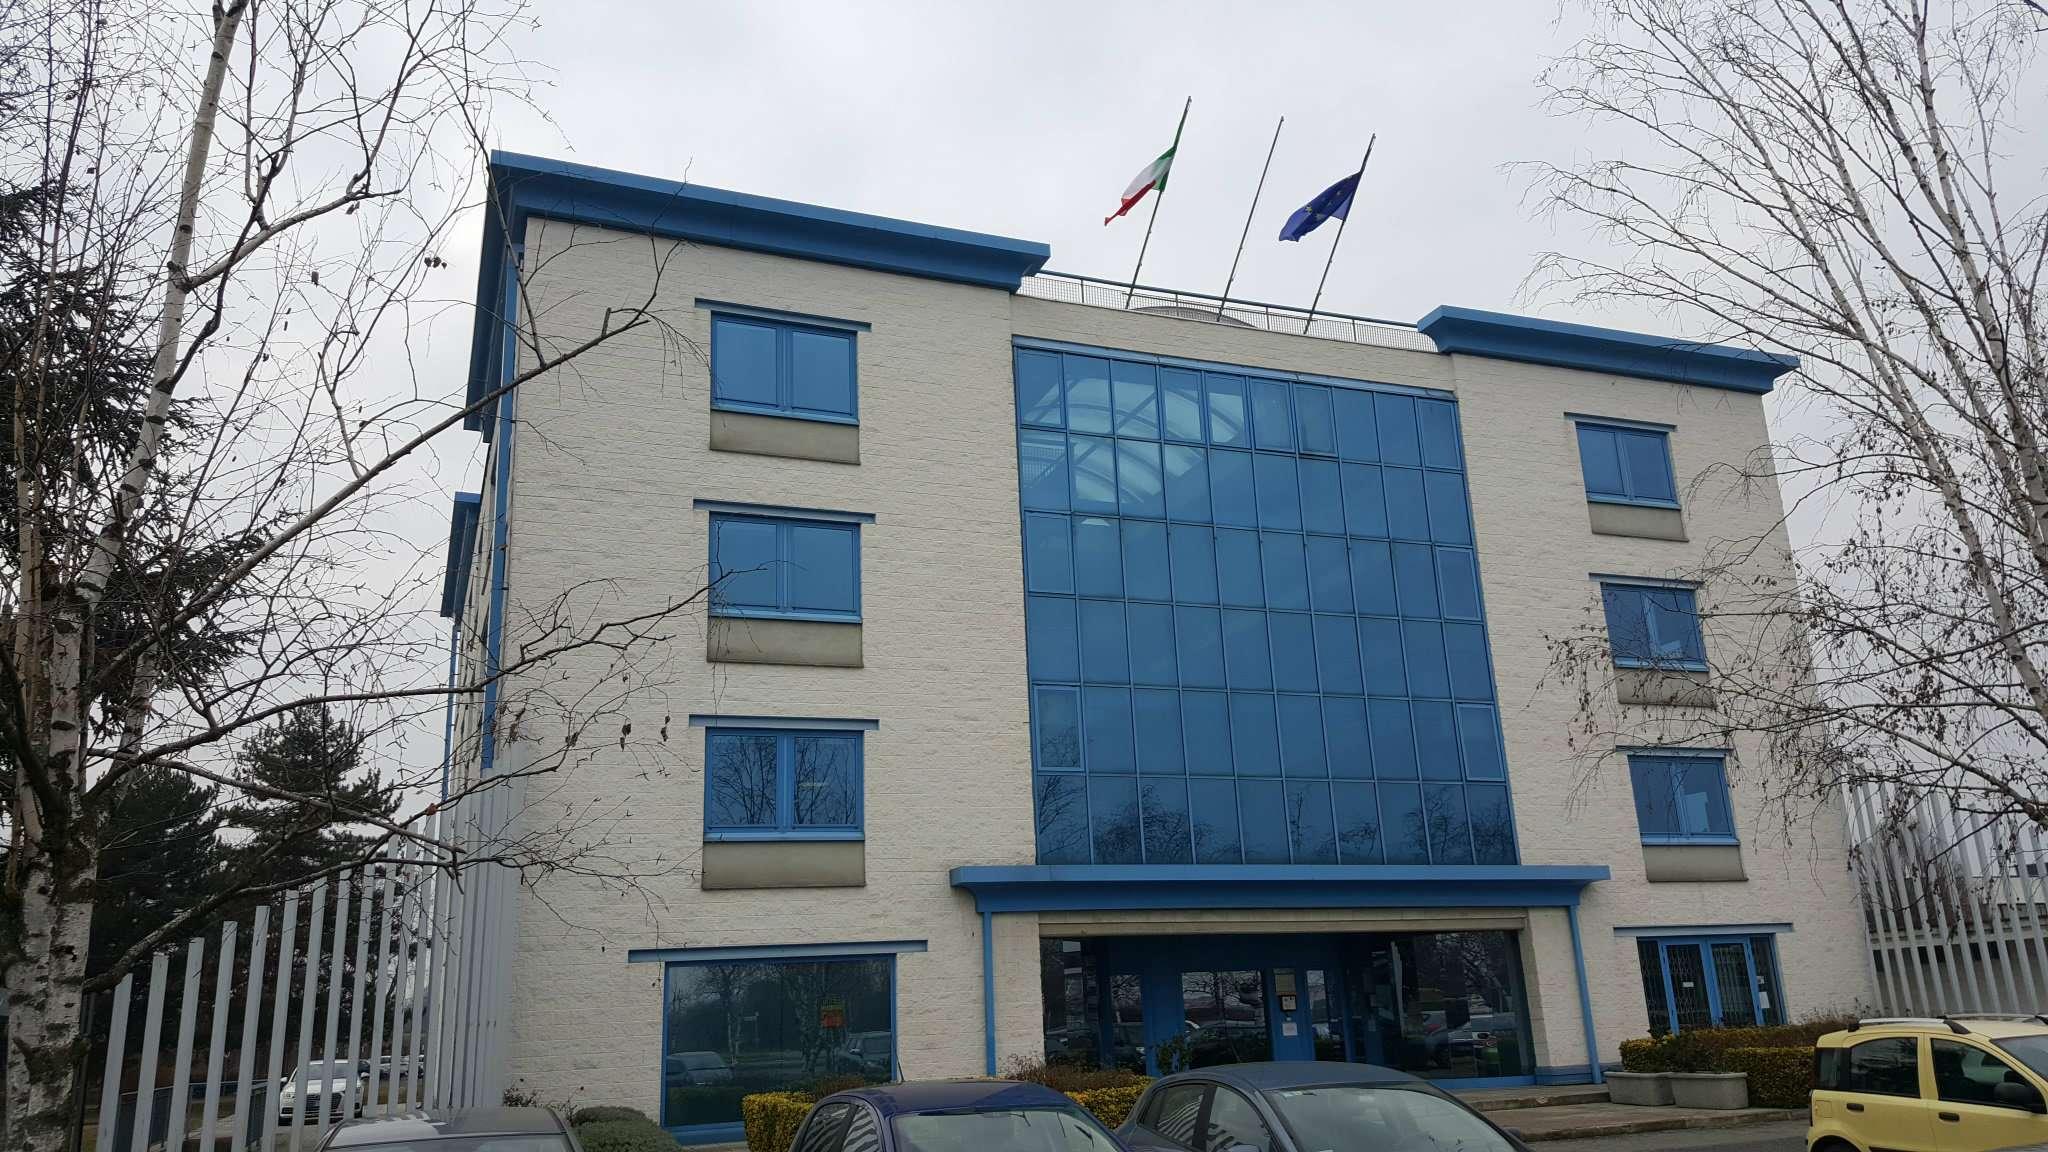 Ufficio / Studio in vendita a Alpignano, 5 locali, prezzo € 240.000 | PortaleAgenzieImmobiliari.it